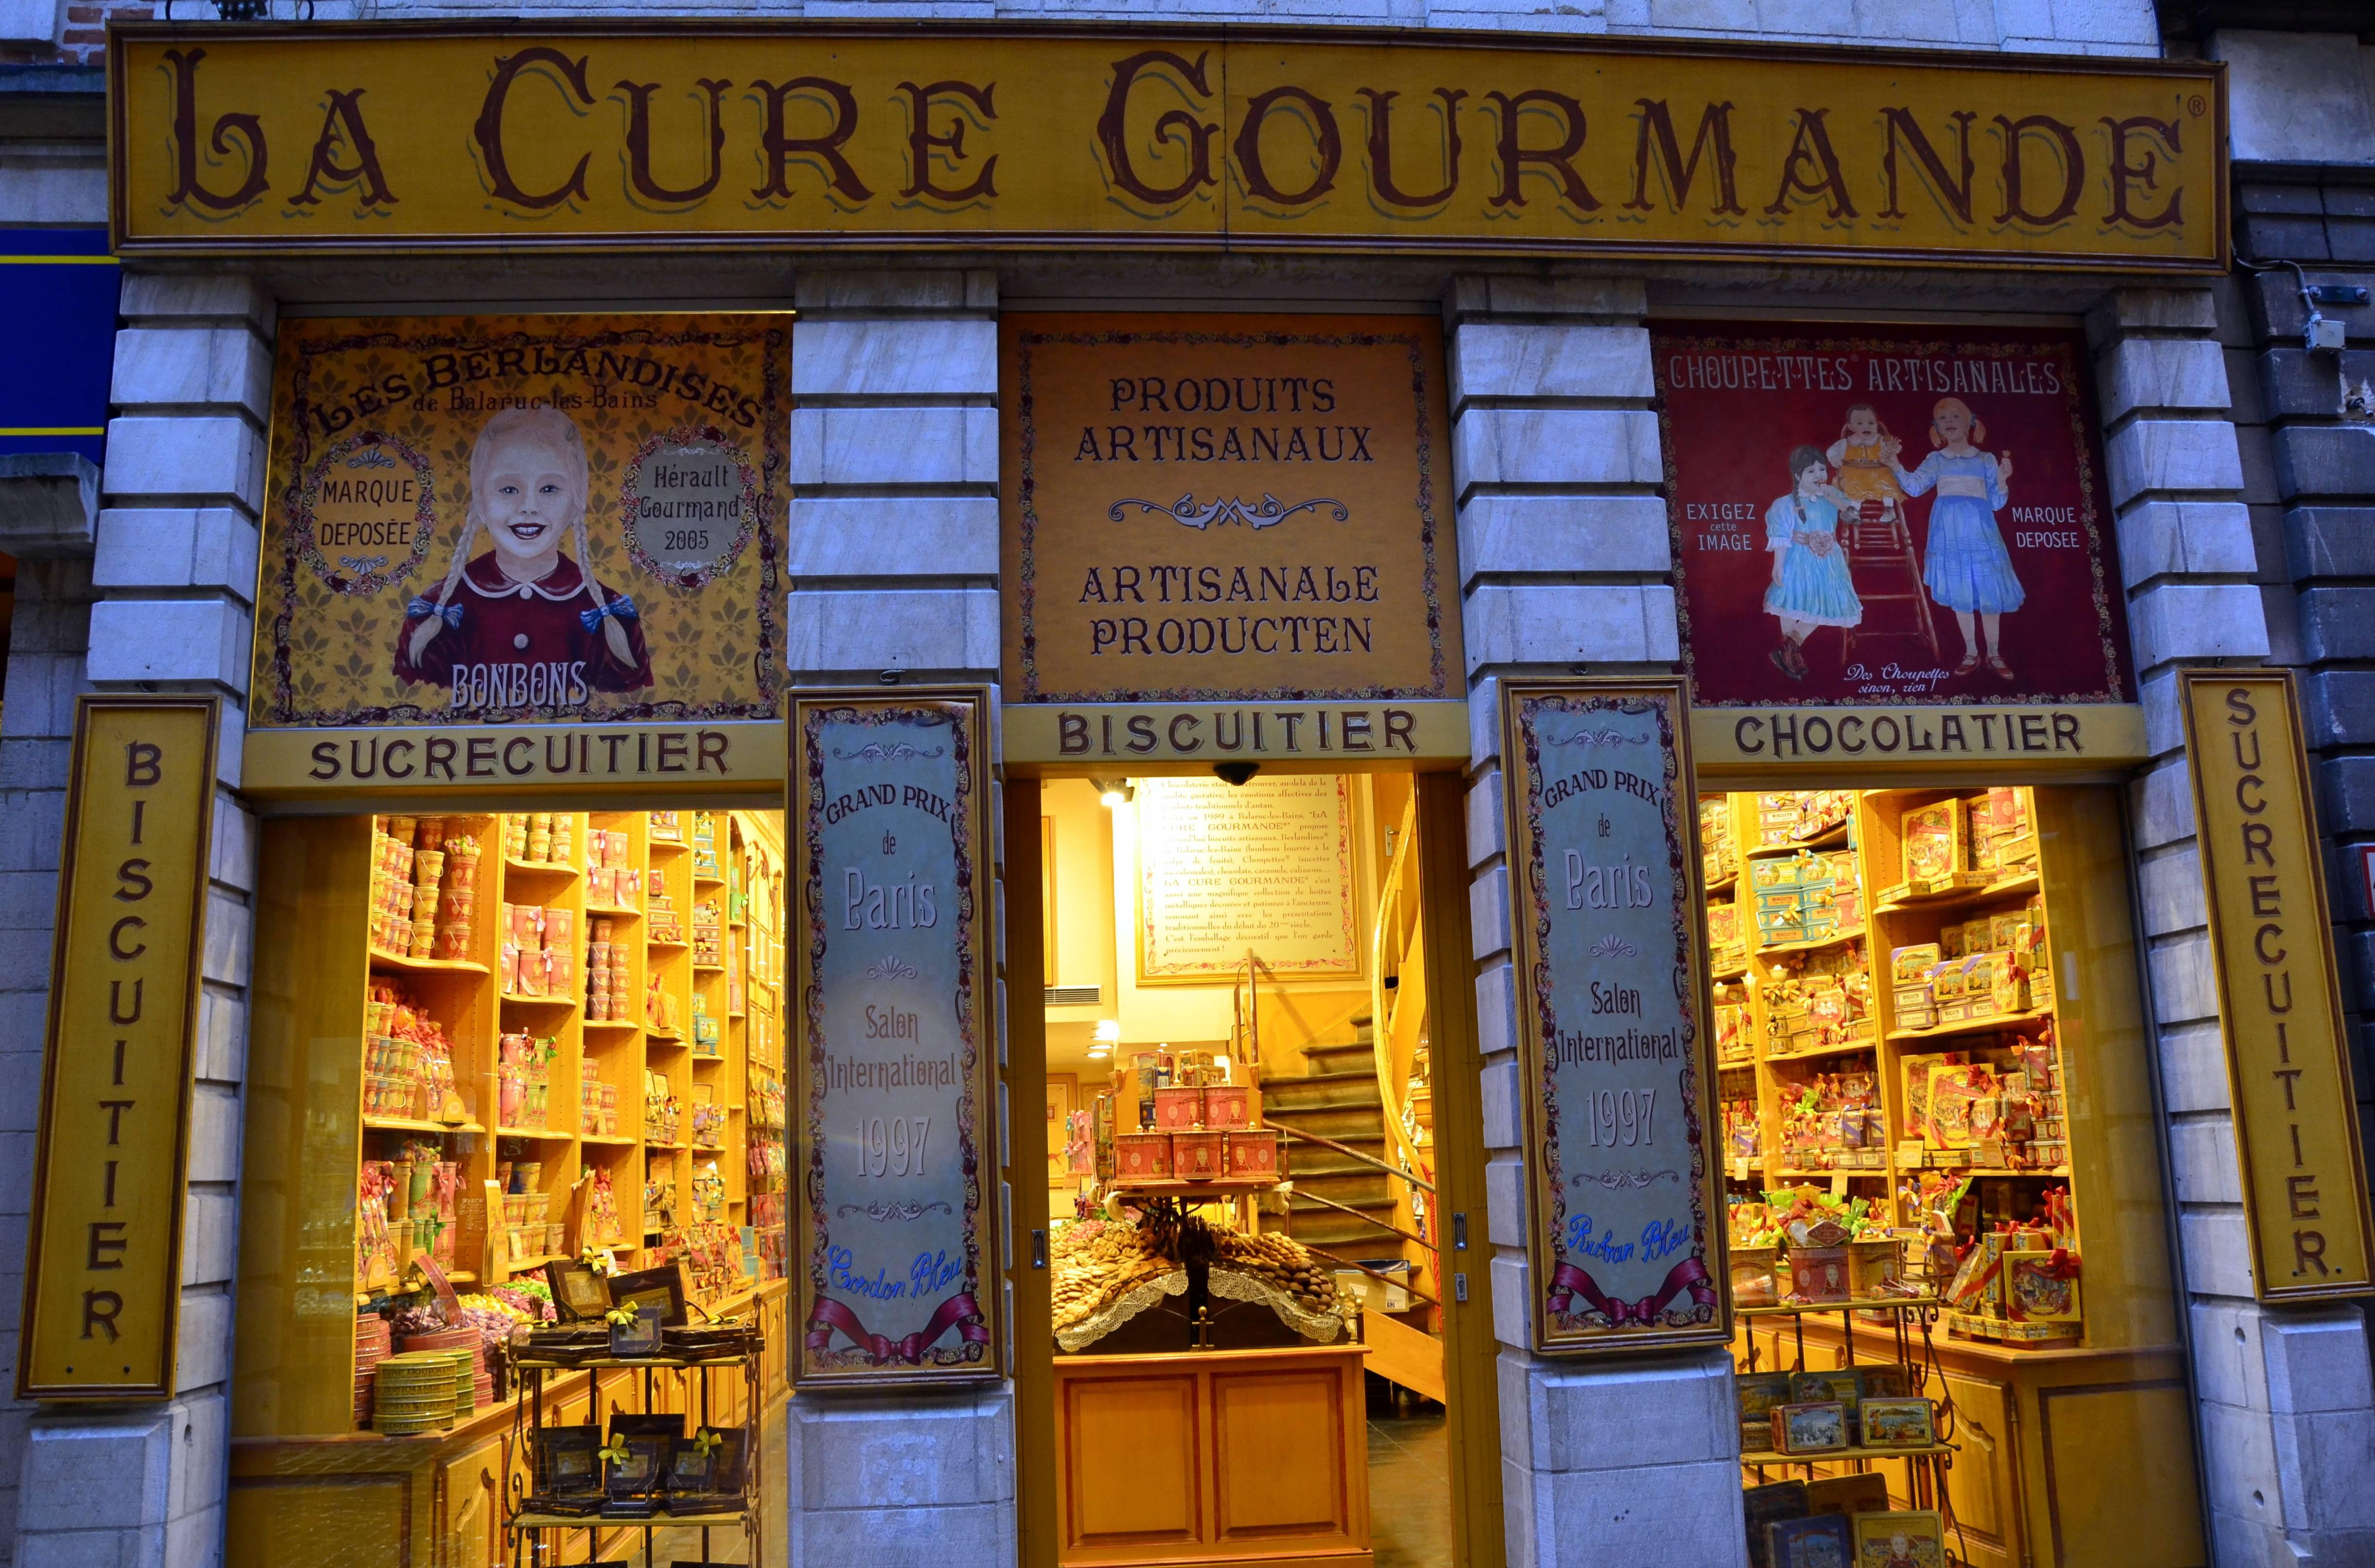 Photo 1: La Cure Gourmande pour une pause sucrée !